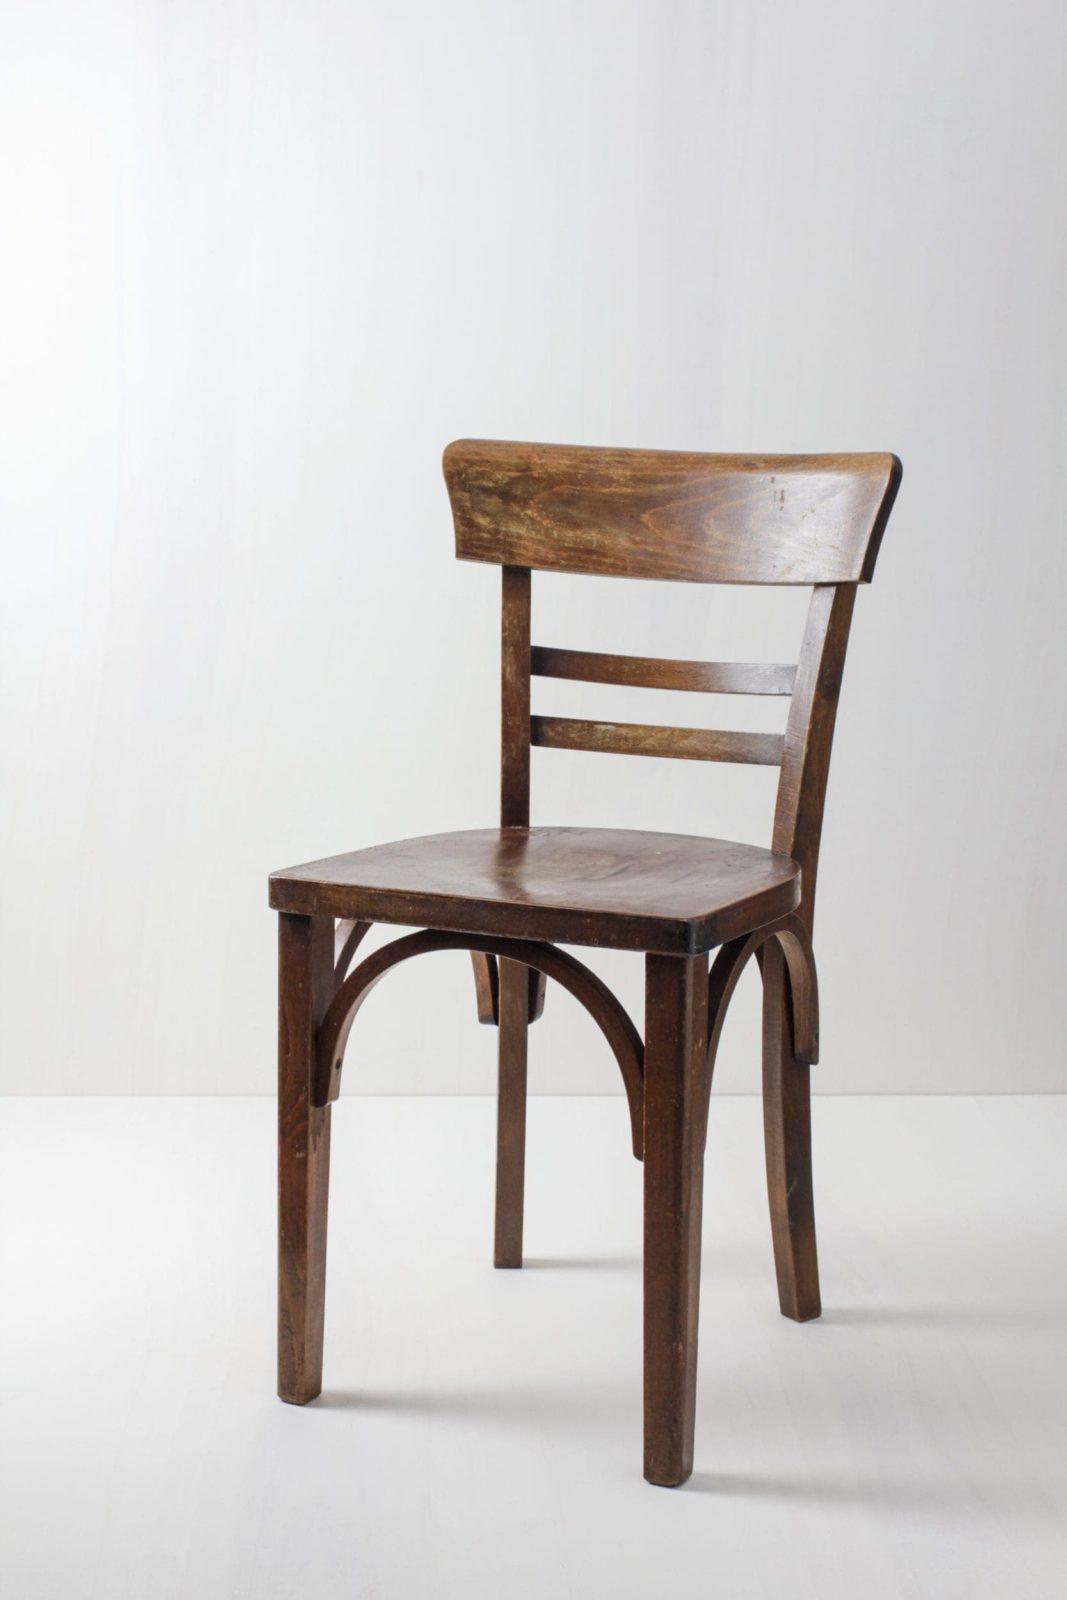 Frankfurter Stuhl Manuel | Naturholz und schöne Patina. Auf diesem Stuhl lässt es sich länger aushalten. | gotvintage Rental & Event Design